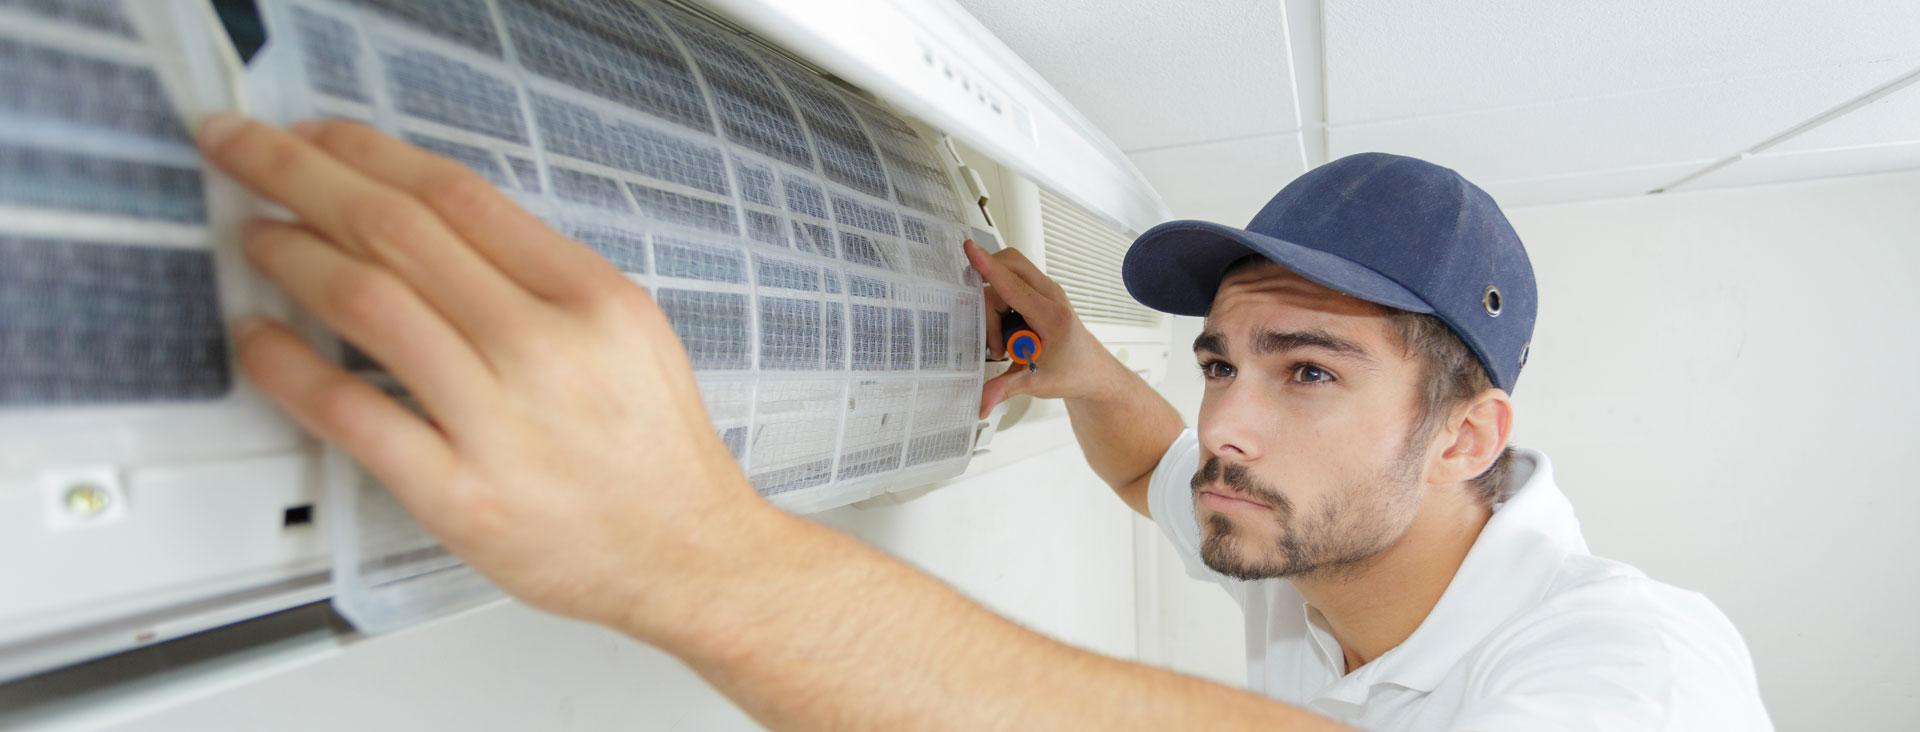 Serwis klimatyzacji i urządzeń chłodniczych